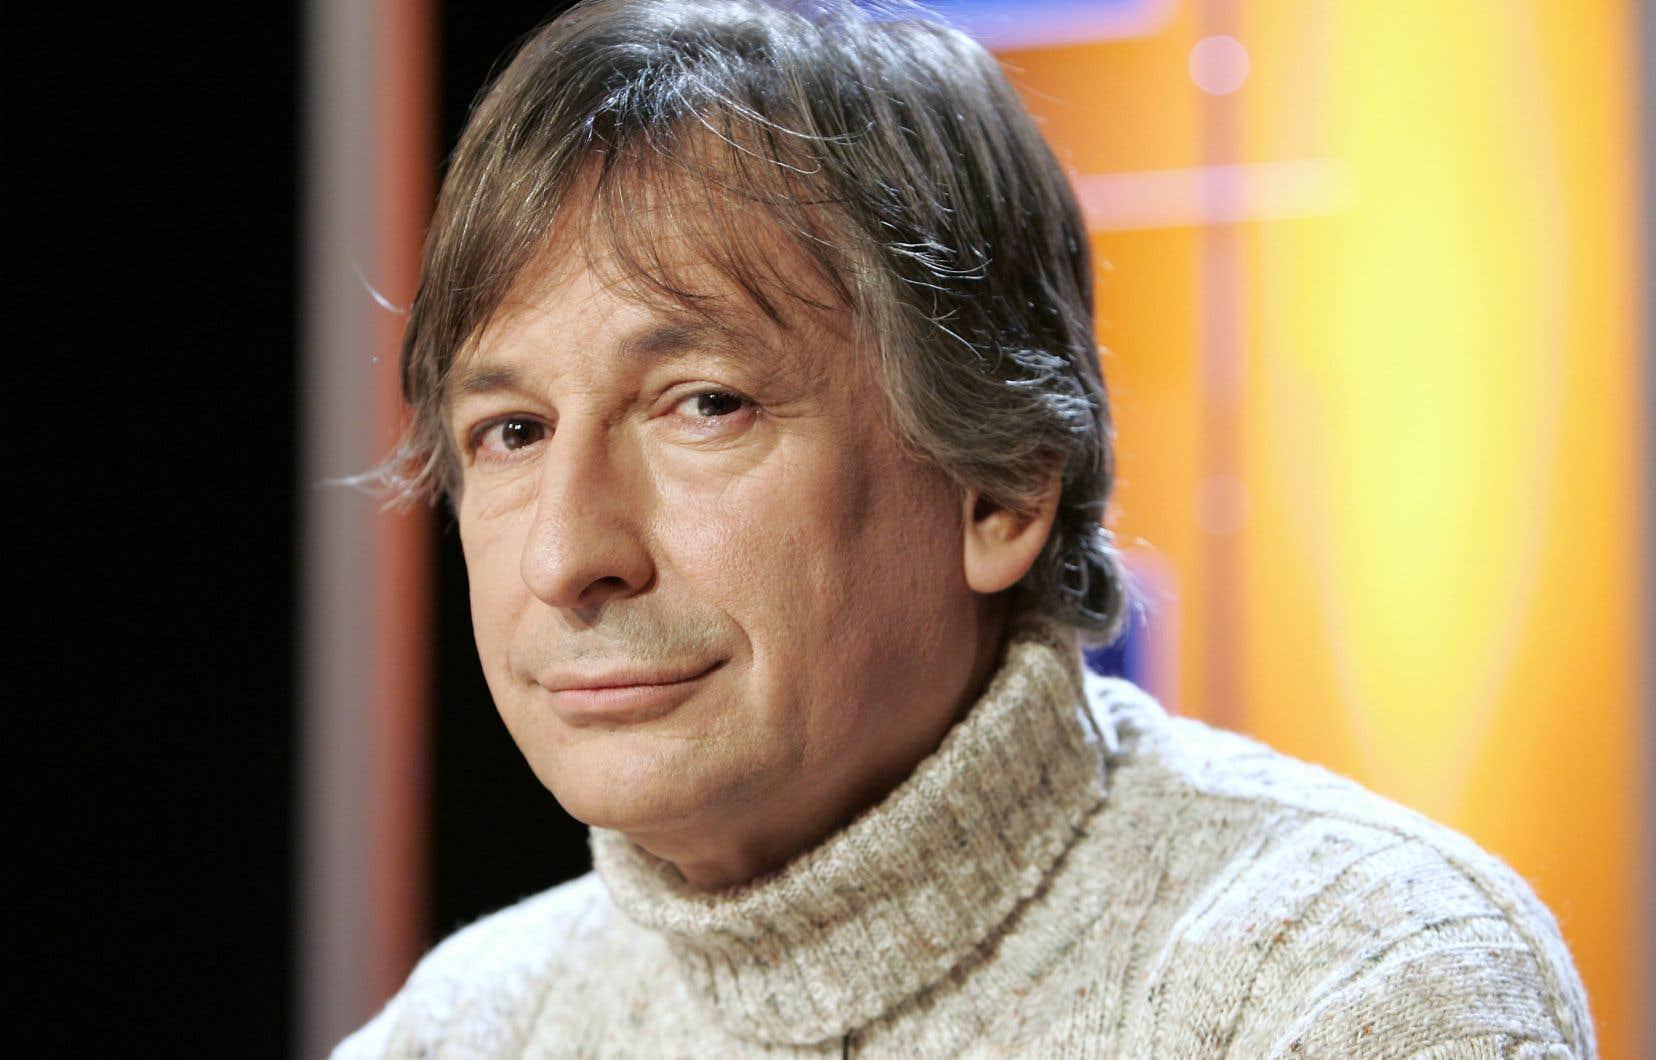 Jean Rouaud publie le cinquième volet d'une série autobiographique amorcée en 2011 avec «Comment gagner sa vie honnêtement».